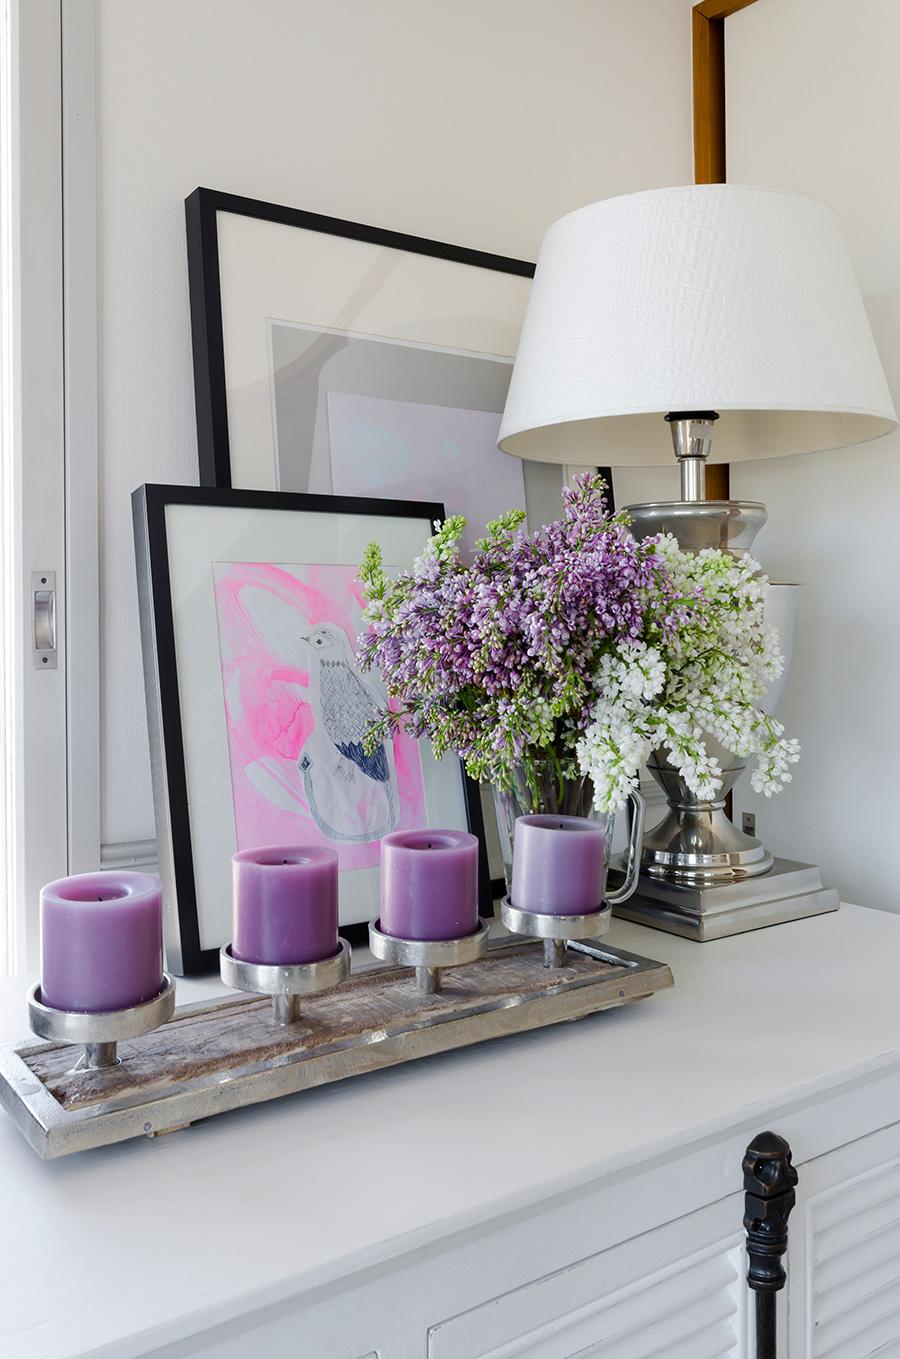 花は紫のキャンドルに合わせてライラックを。色を混ぜ合わせないアレンジもプロの技。